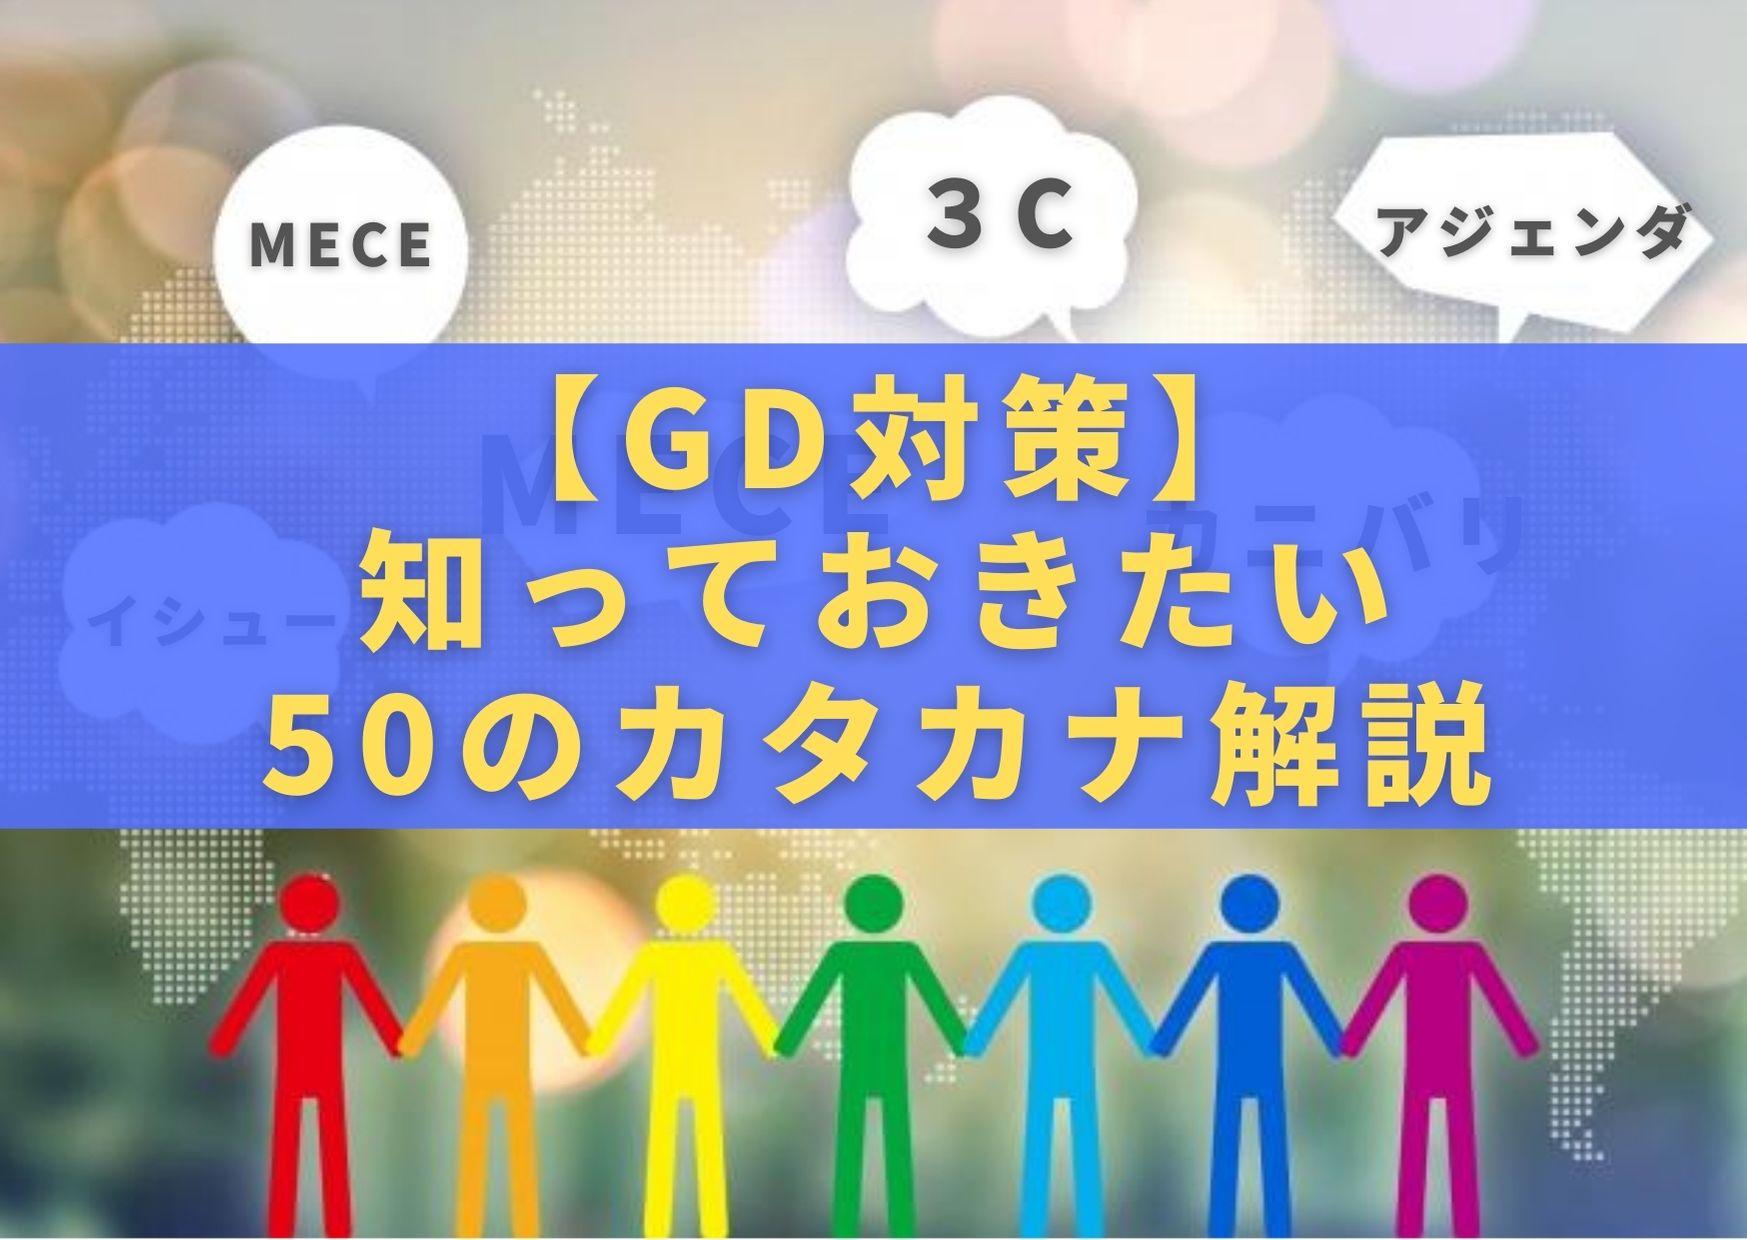 【初心者】GD(グループディスカッション)で聞く50のカタカナ(アジェンダ・ファクトなど)の解説